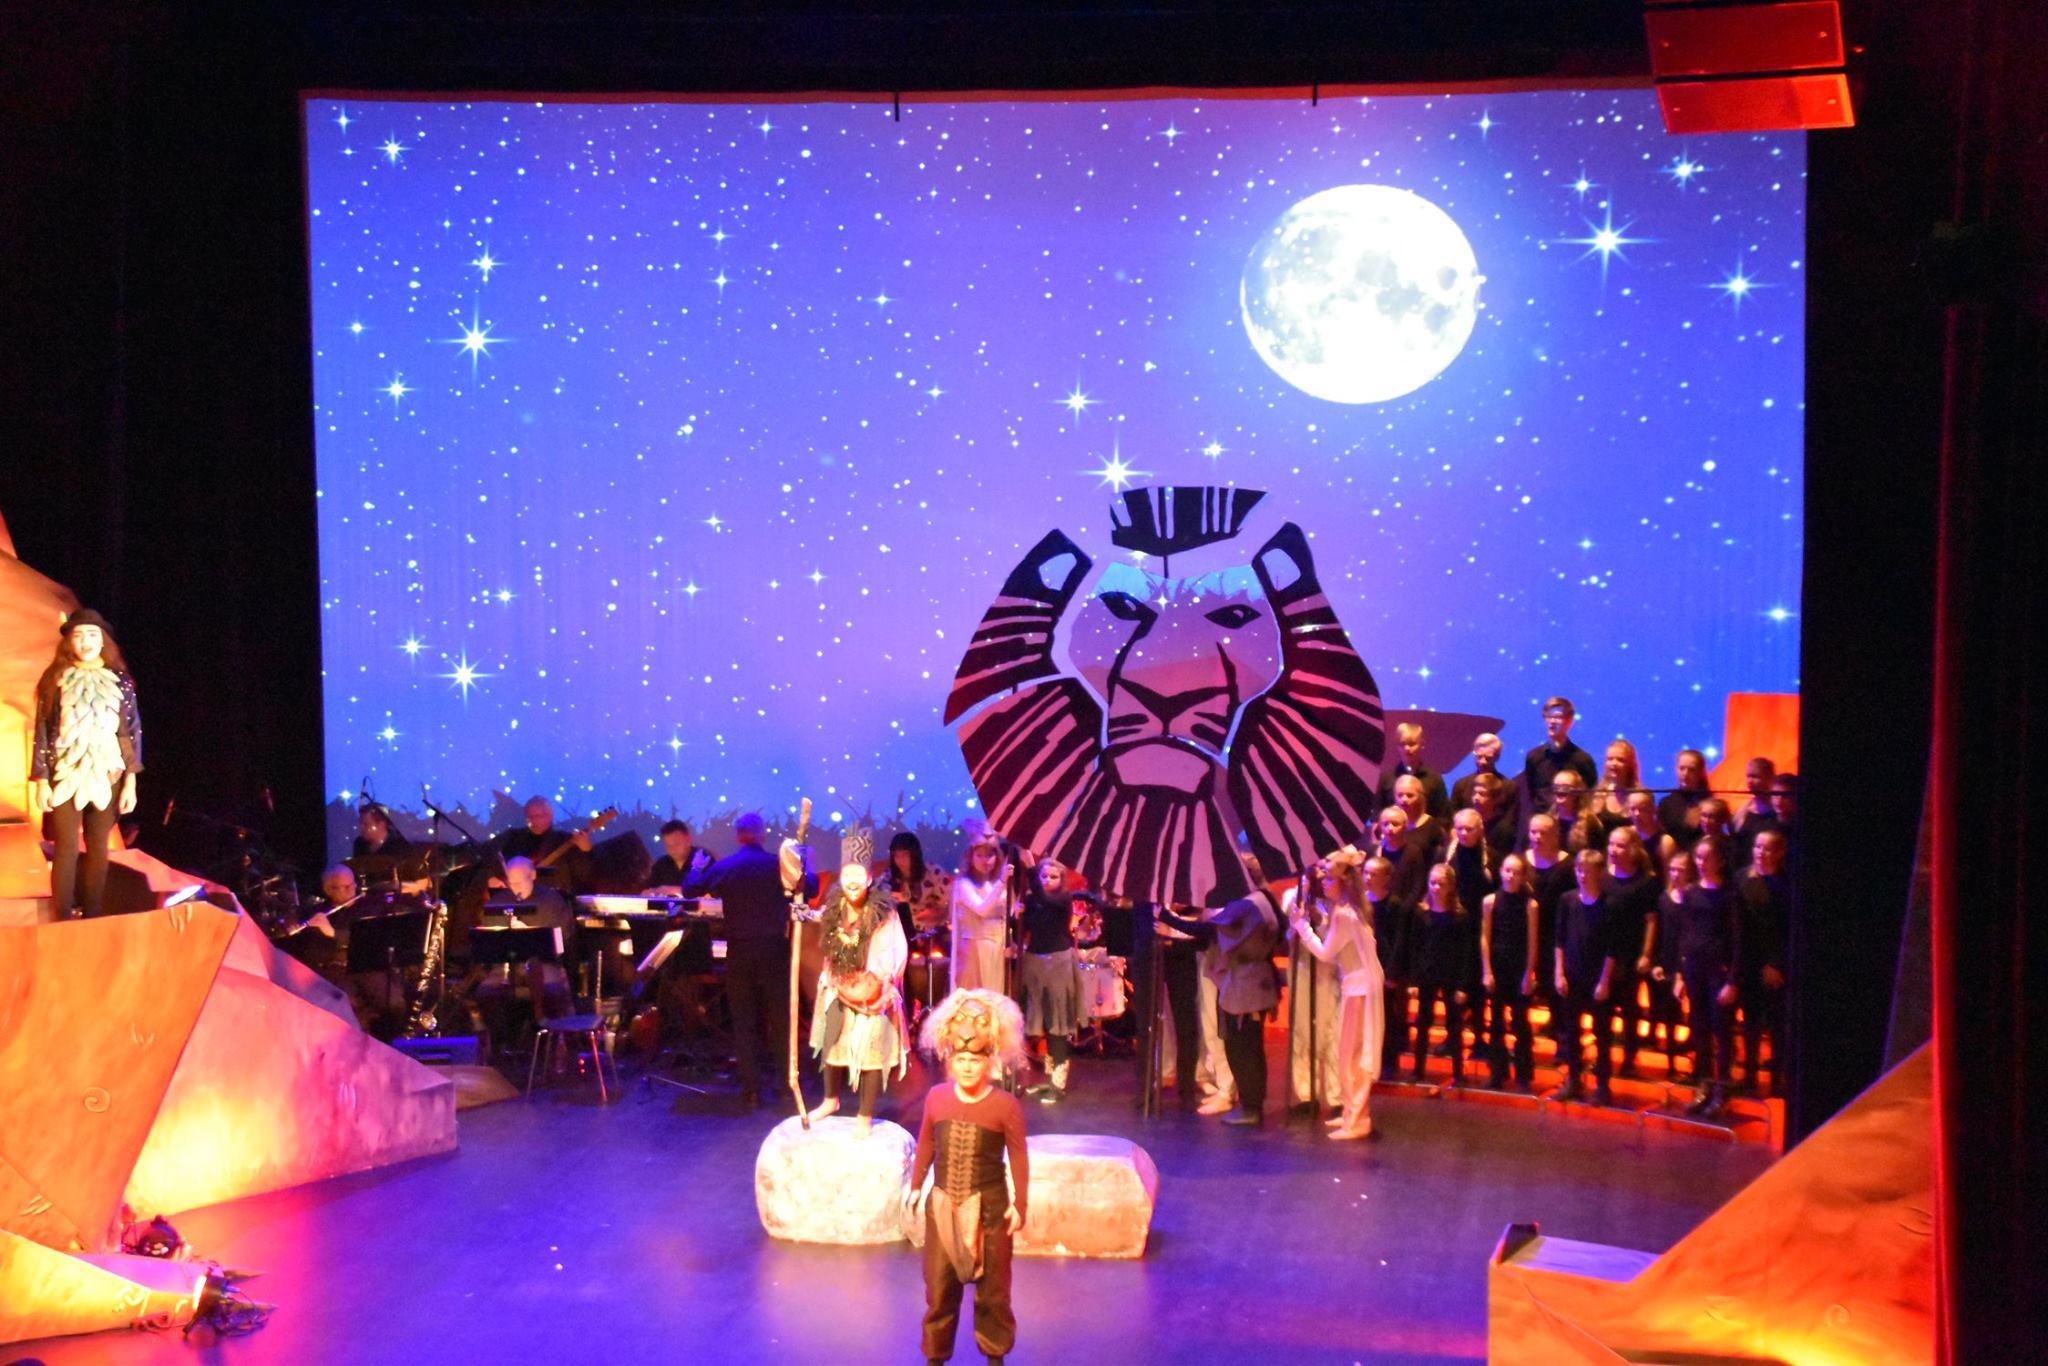 Løvenes konge 3